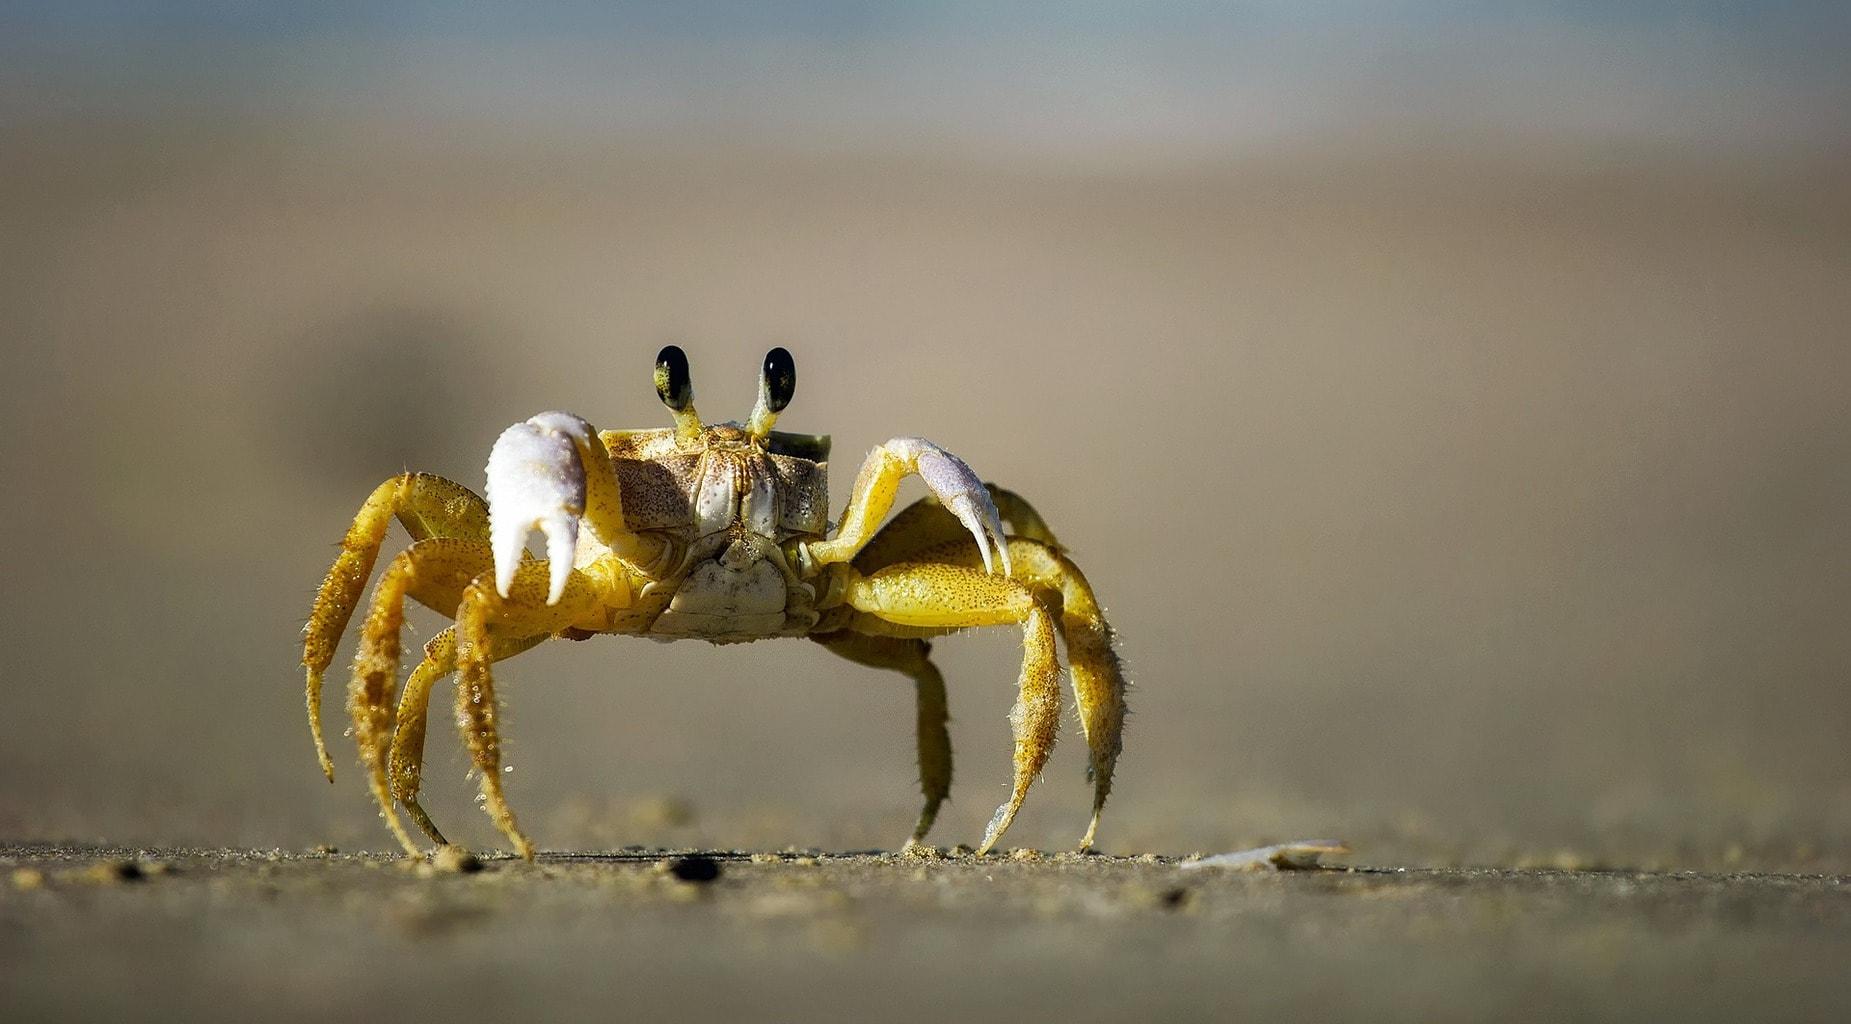 fotografía macro de un cangrejo